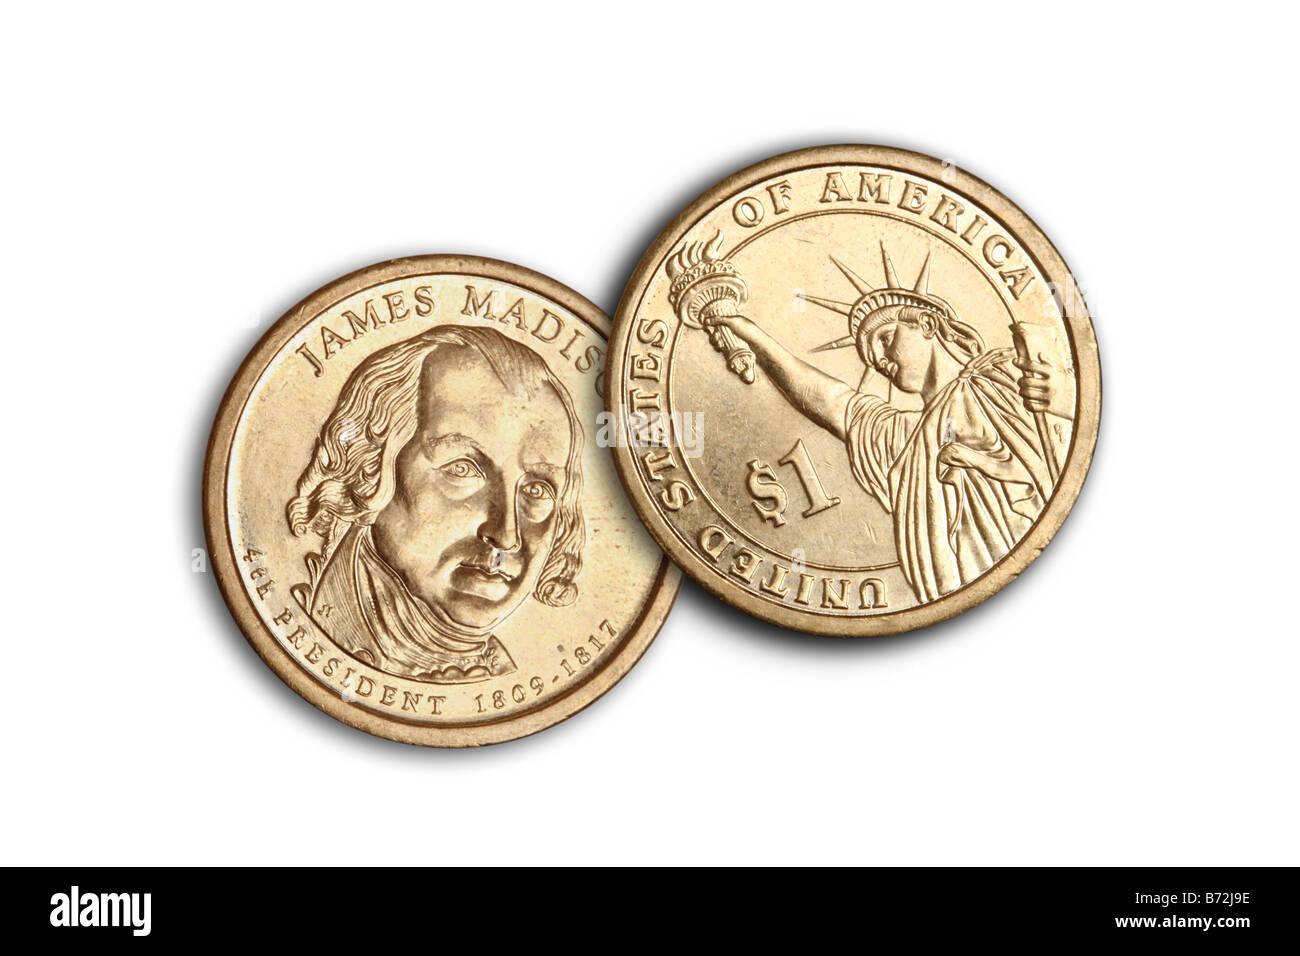 Un dollar US coins découpés sur fond blanc Photo Stock